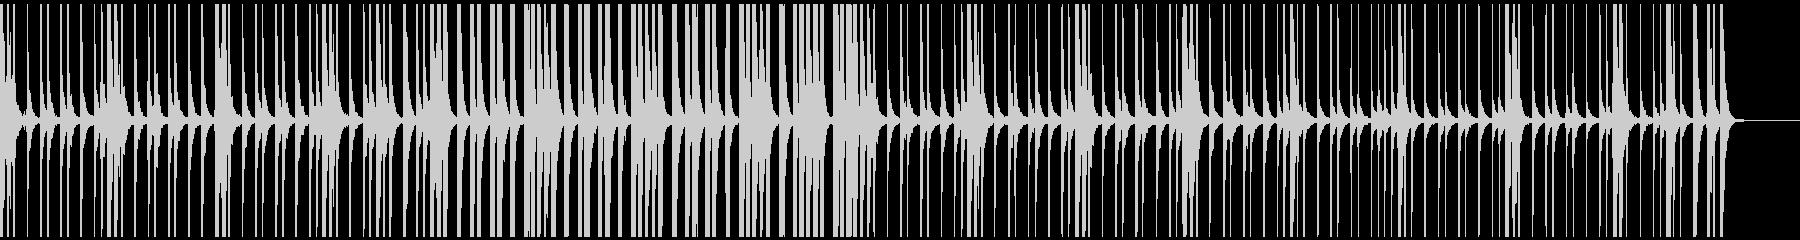 実験的な コーポレート アクティブ...の未再生の波形